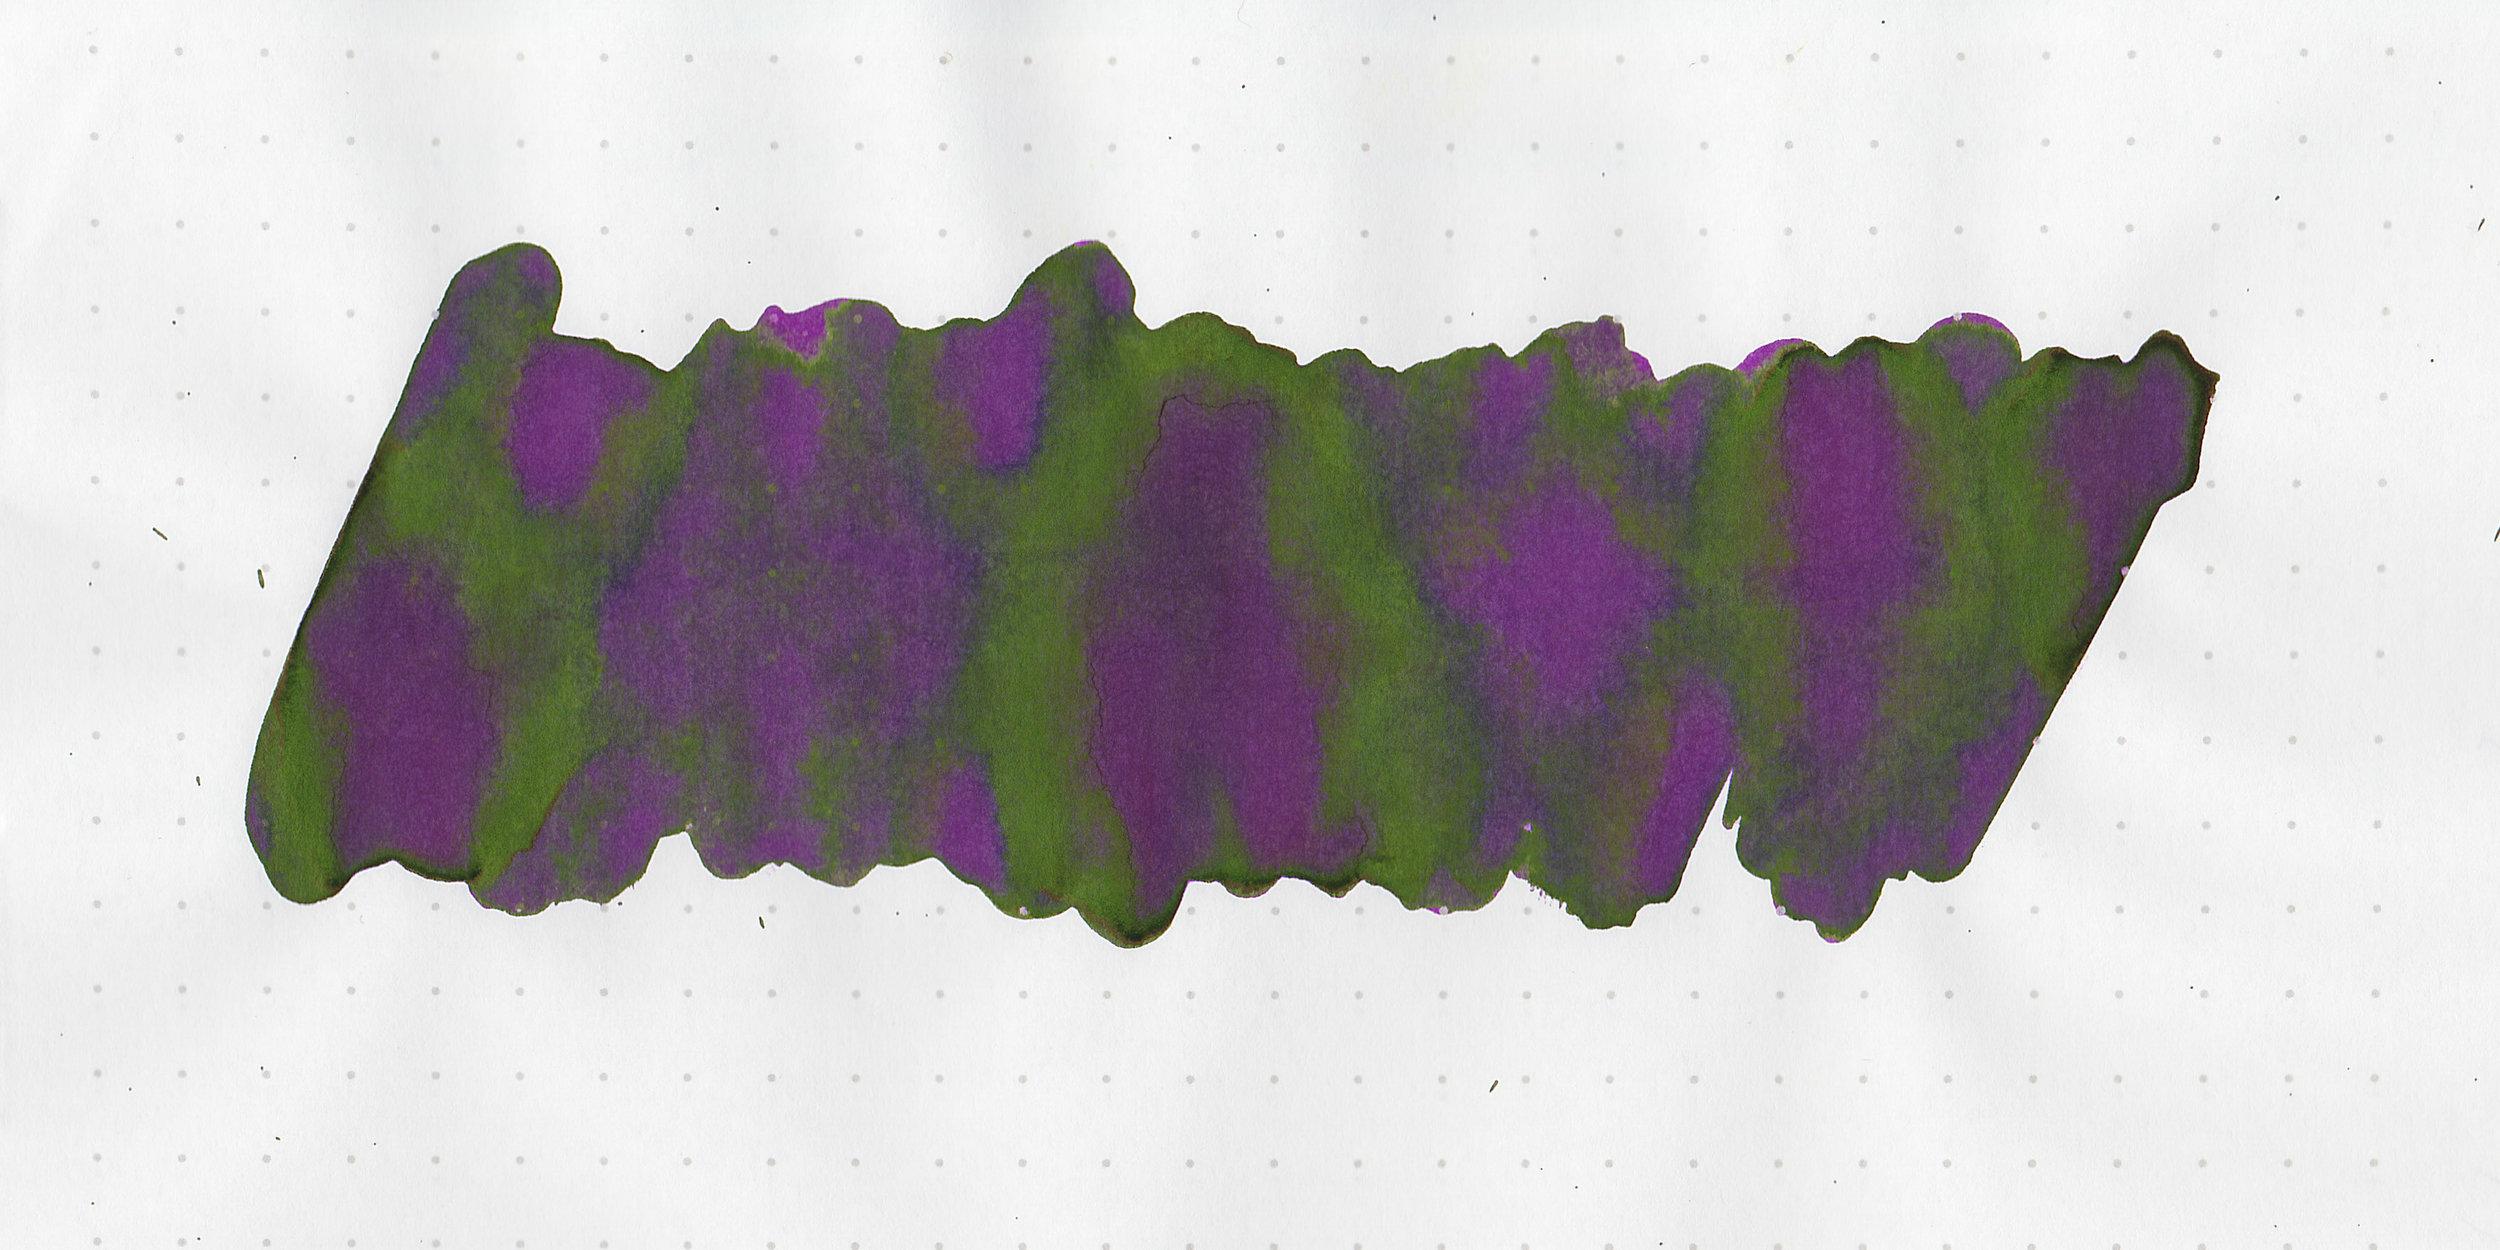 tbm-grape-vine-3.jpg